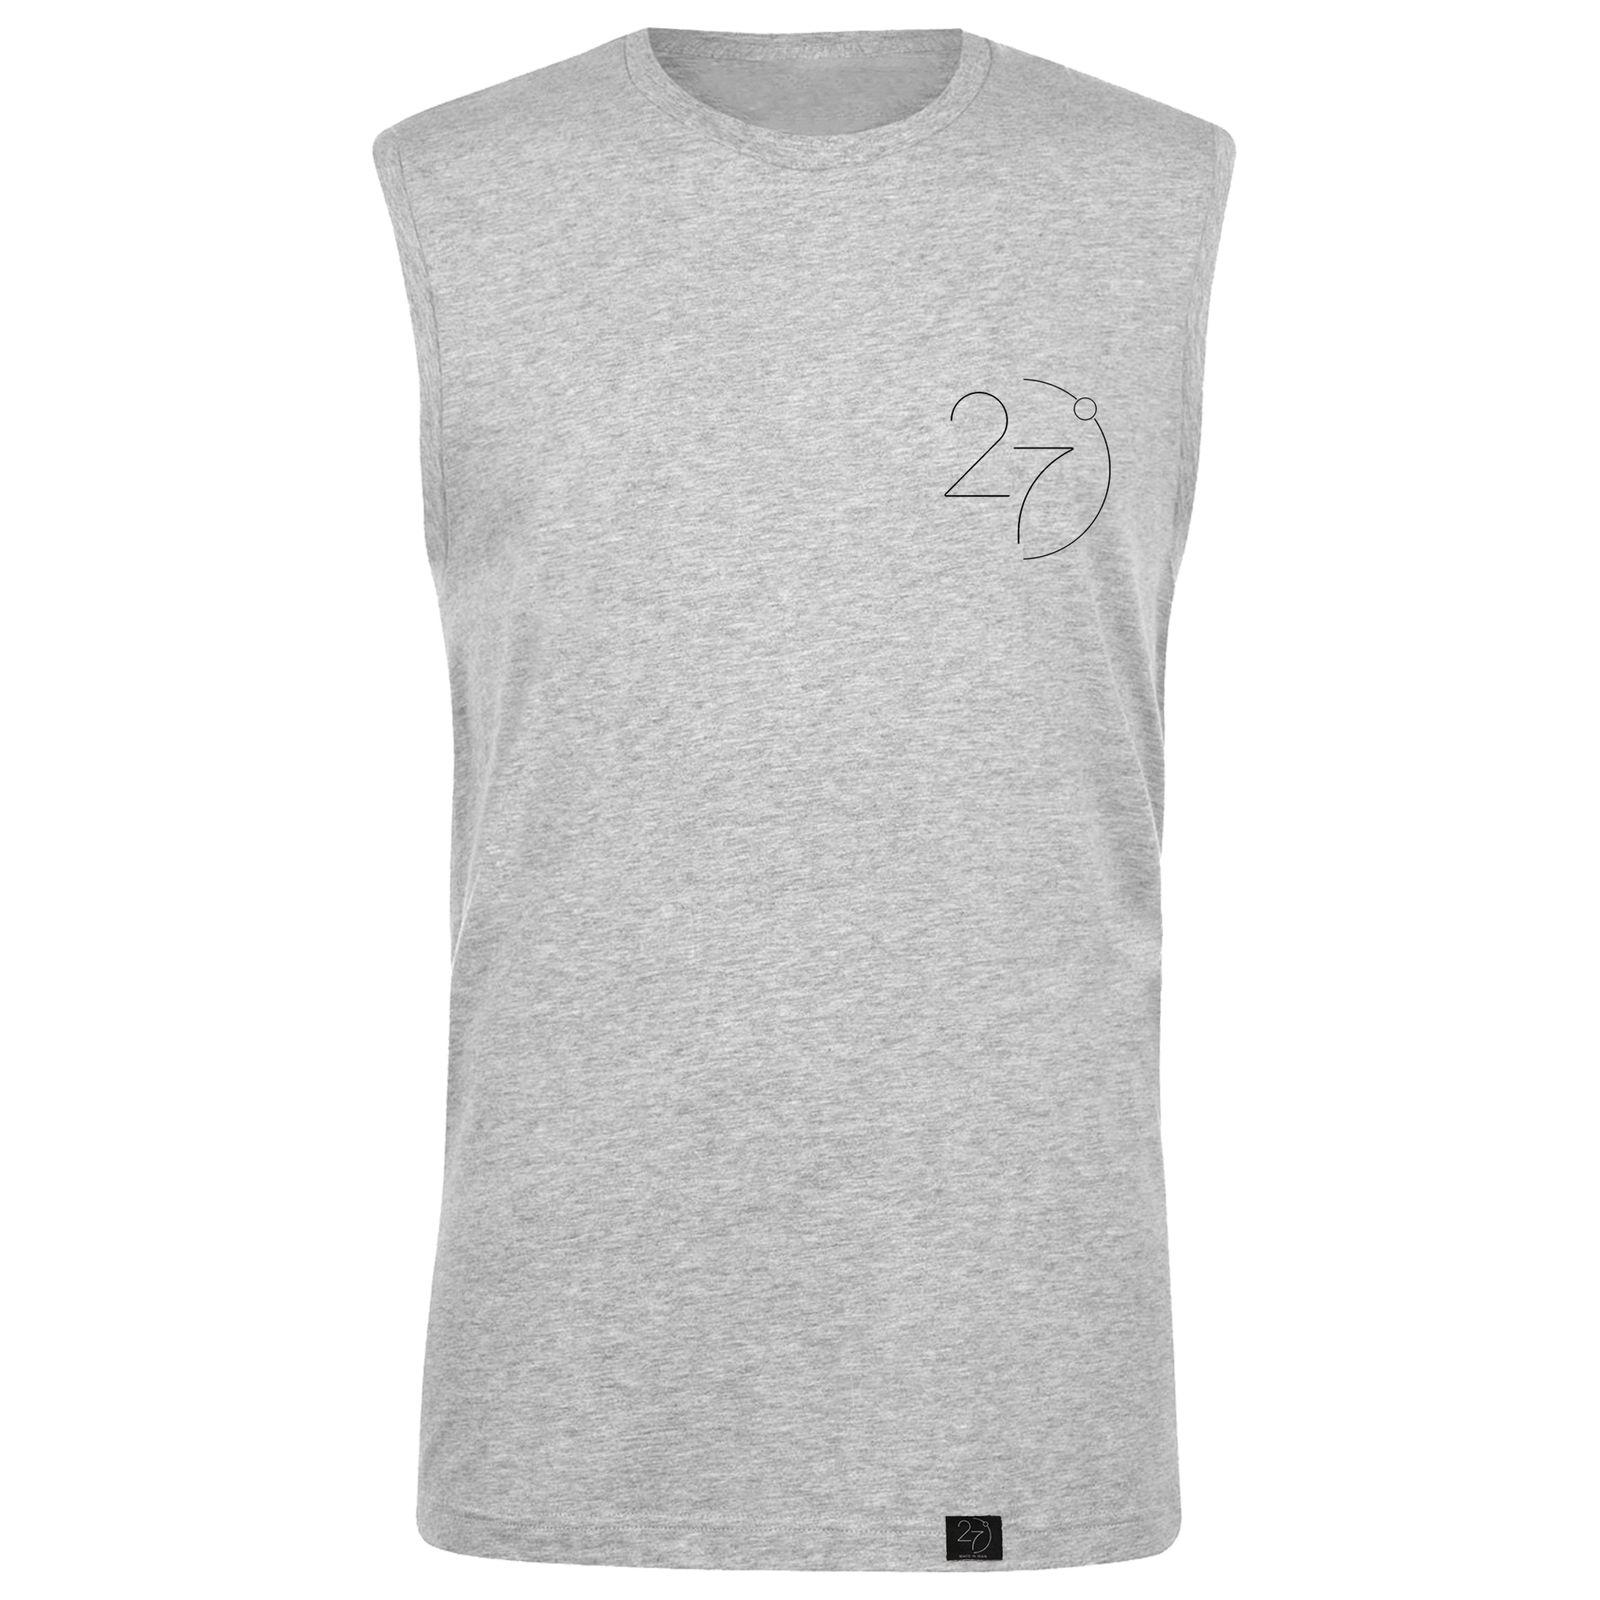 ست تاپ و شلوارک مردانه 27 طرح 27 کد H12 -  - 1